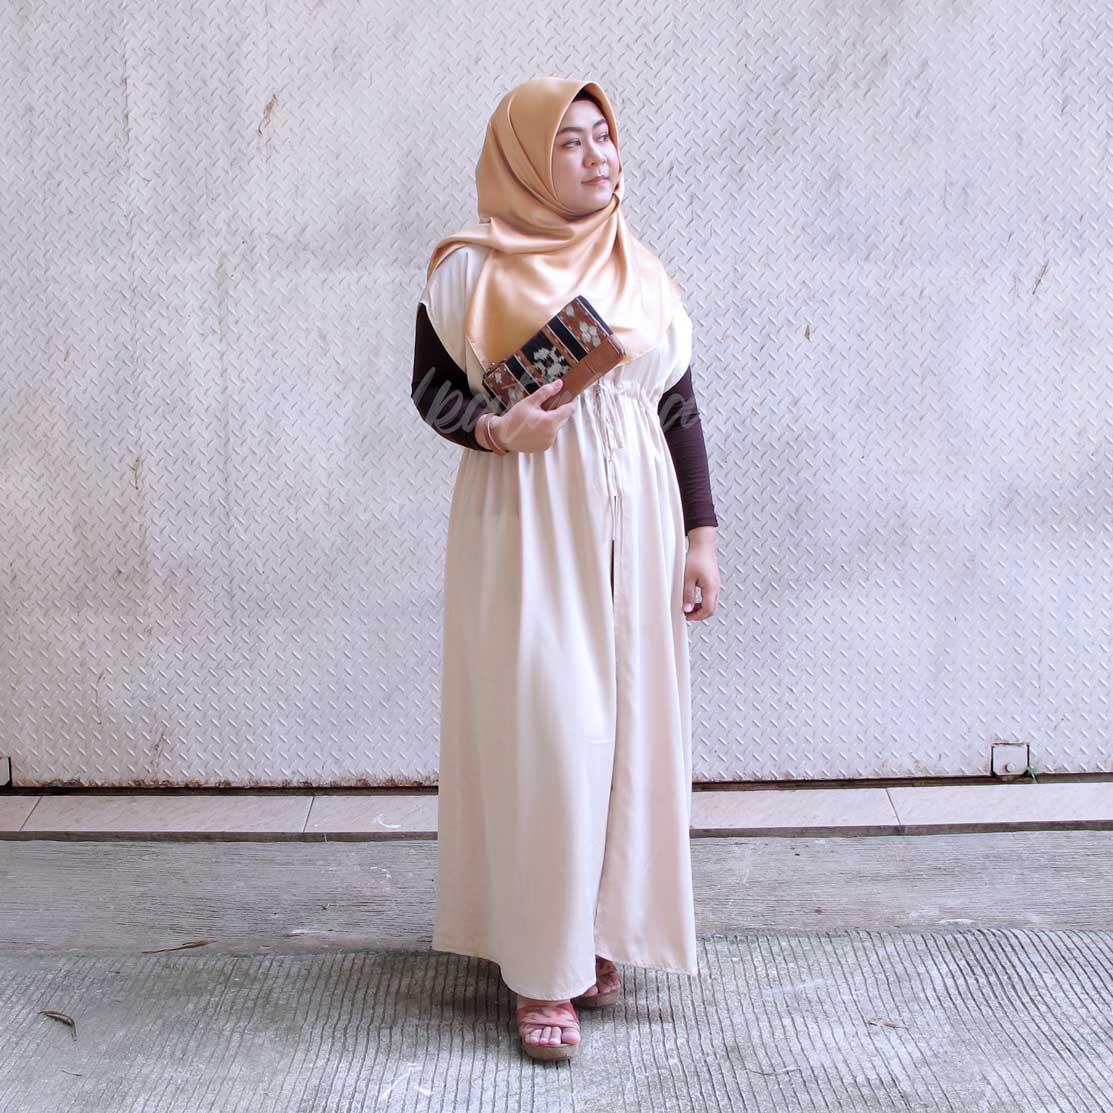 dompet wanita dengan kain tenun ikat Jepara